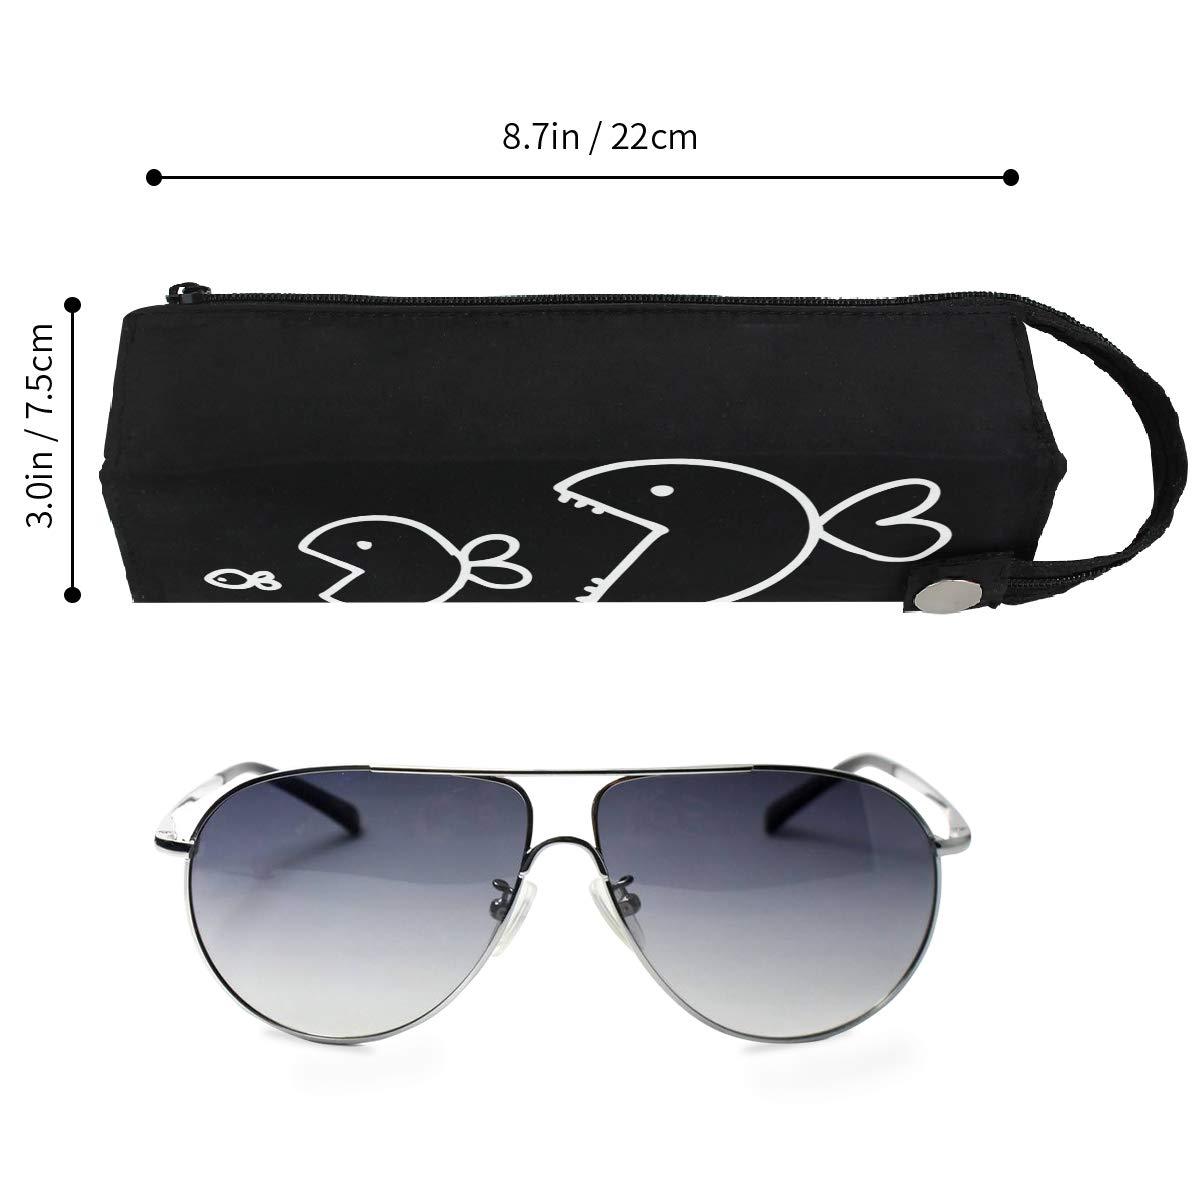 Fish Quote Black Big Eat Small Glasses Case Women Men Eyeglasses Bag Pencil Case Pouch